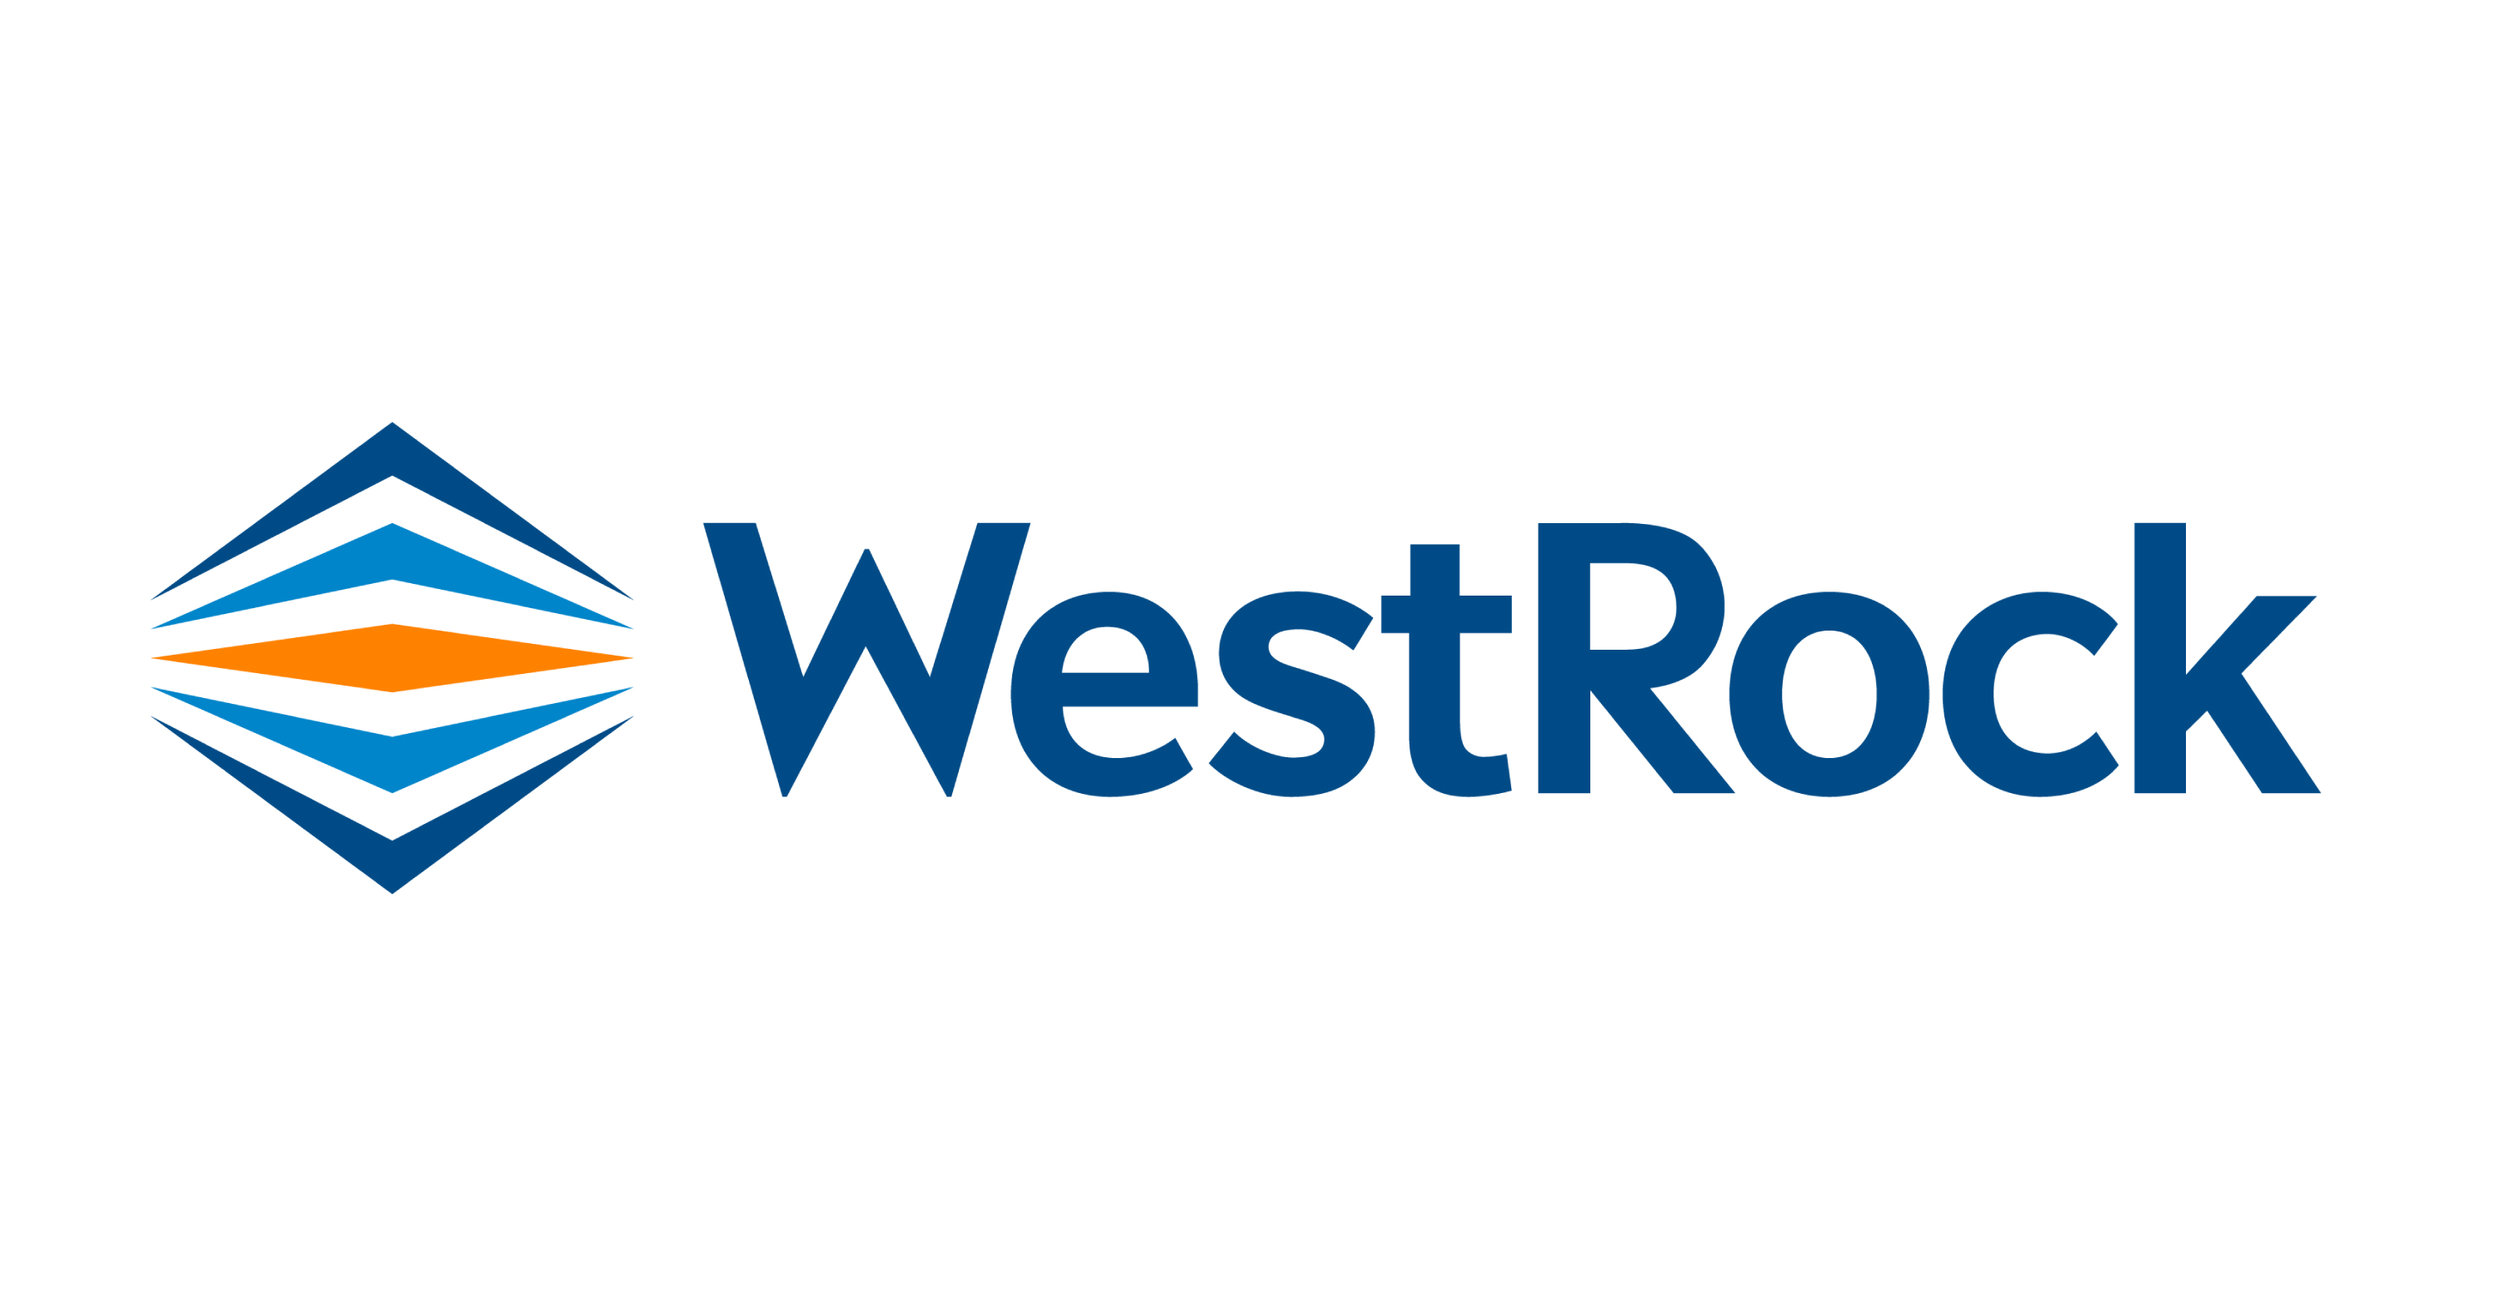 18-Squarespace-Work_Experience-Logos-WestRock.jpg